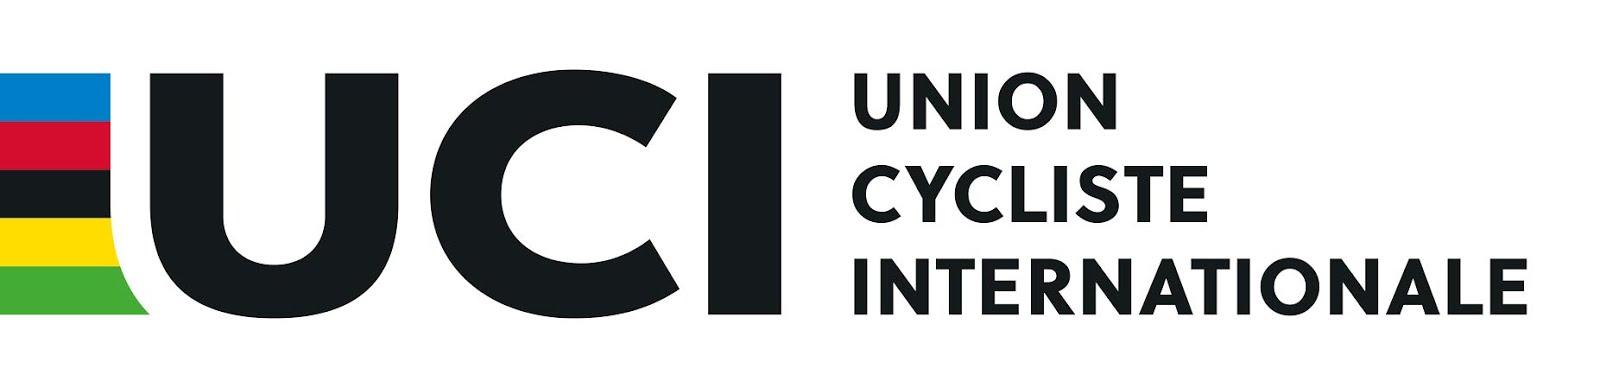 Unión Ciclista Internacional